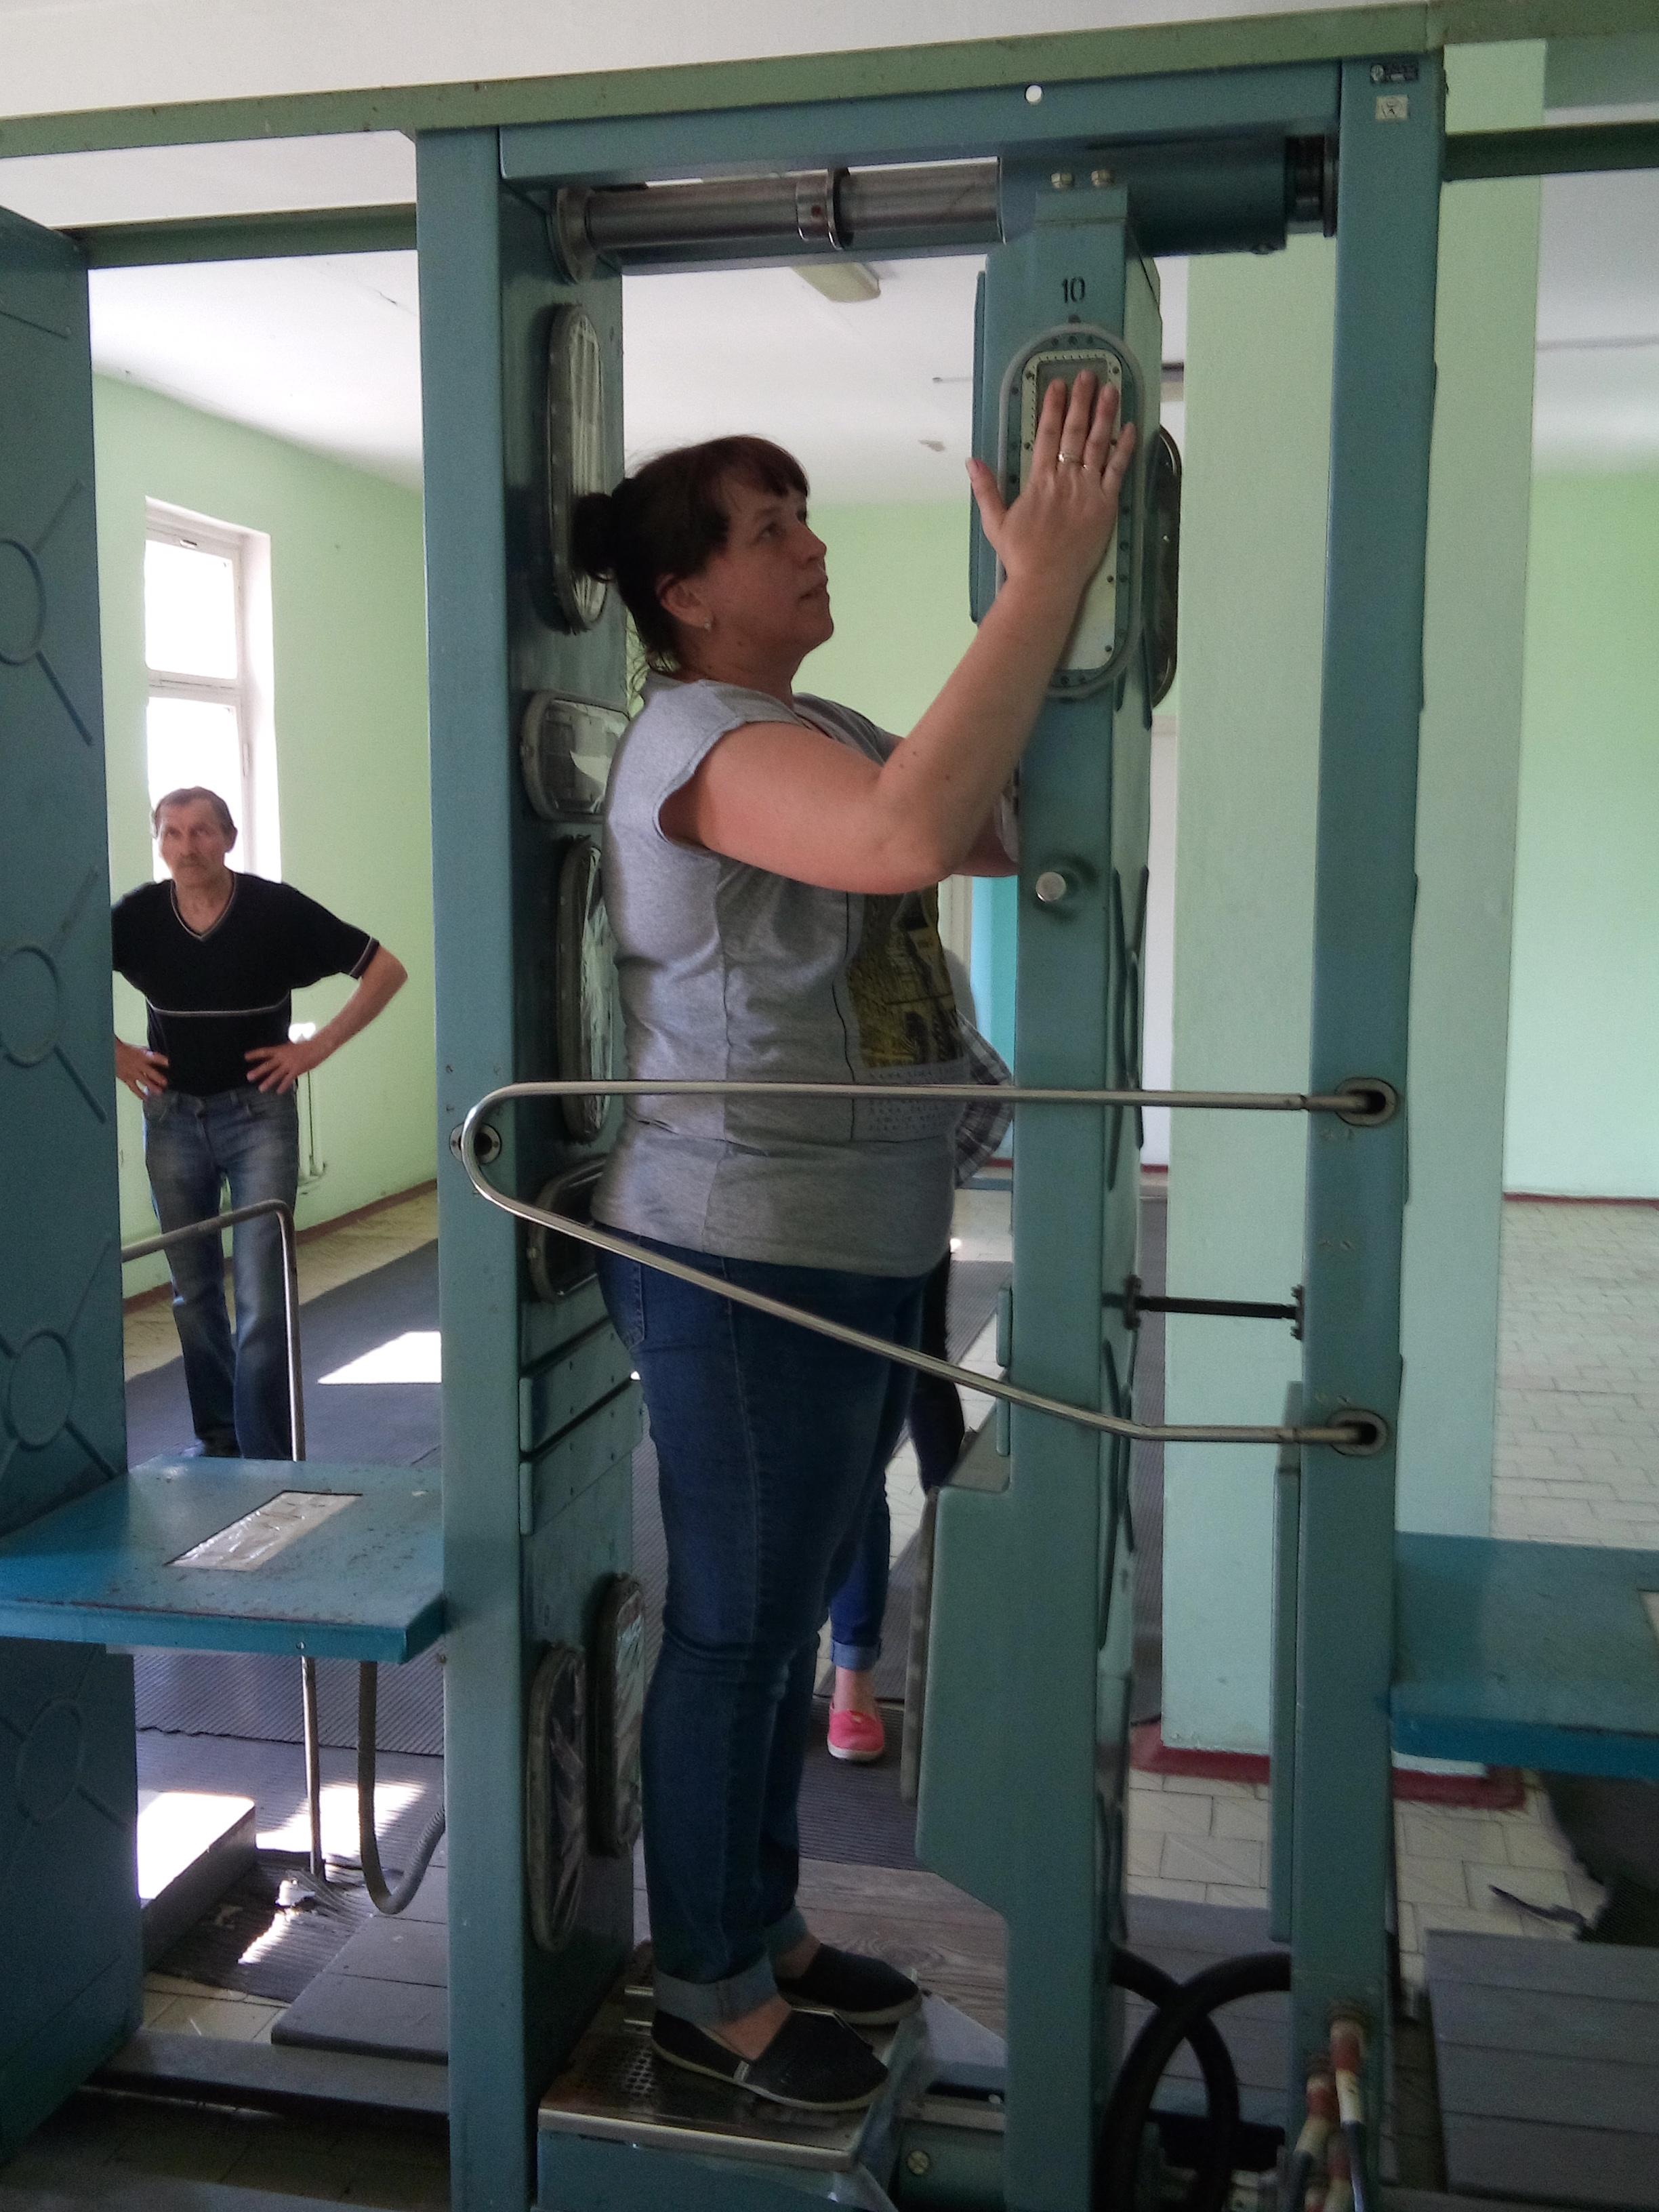 Изображение стороннего сайта - https://img-fotki.yandex.ru/get/52790/293457363.d/0_133153_12f42a3d_orig.jpg